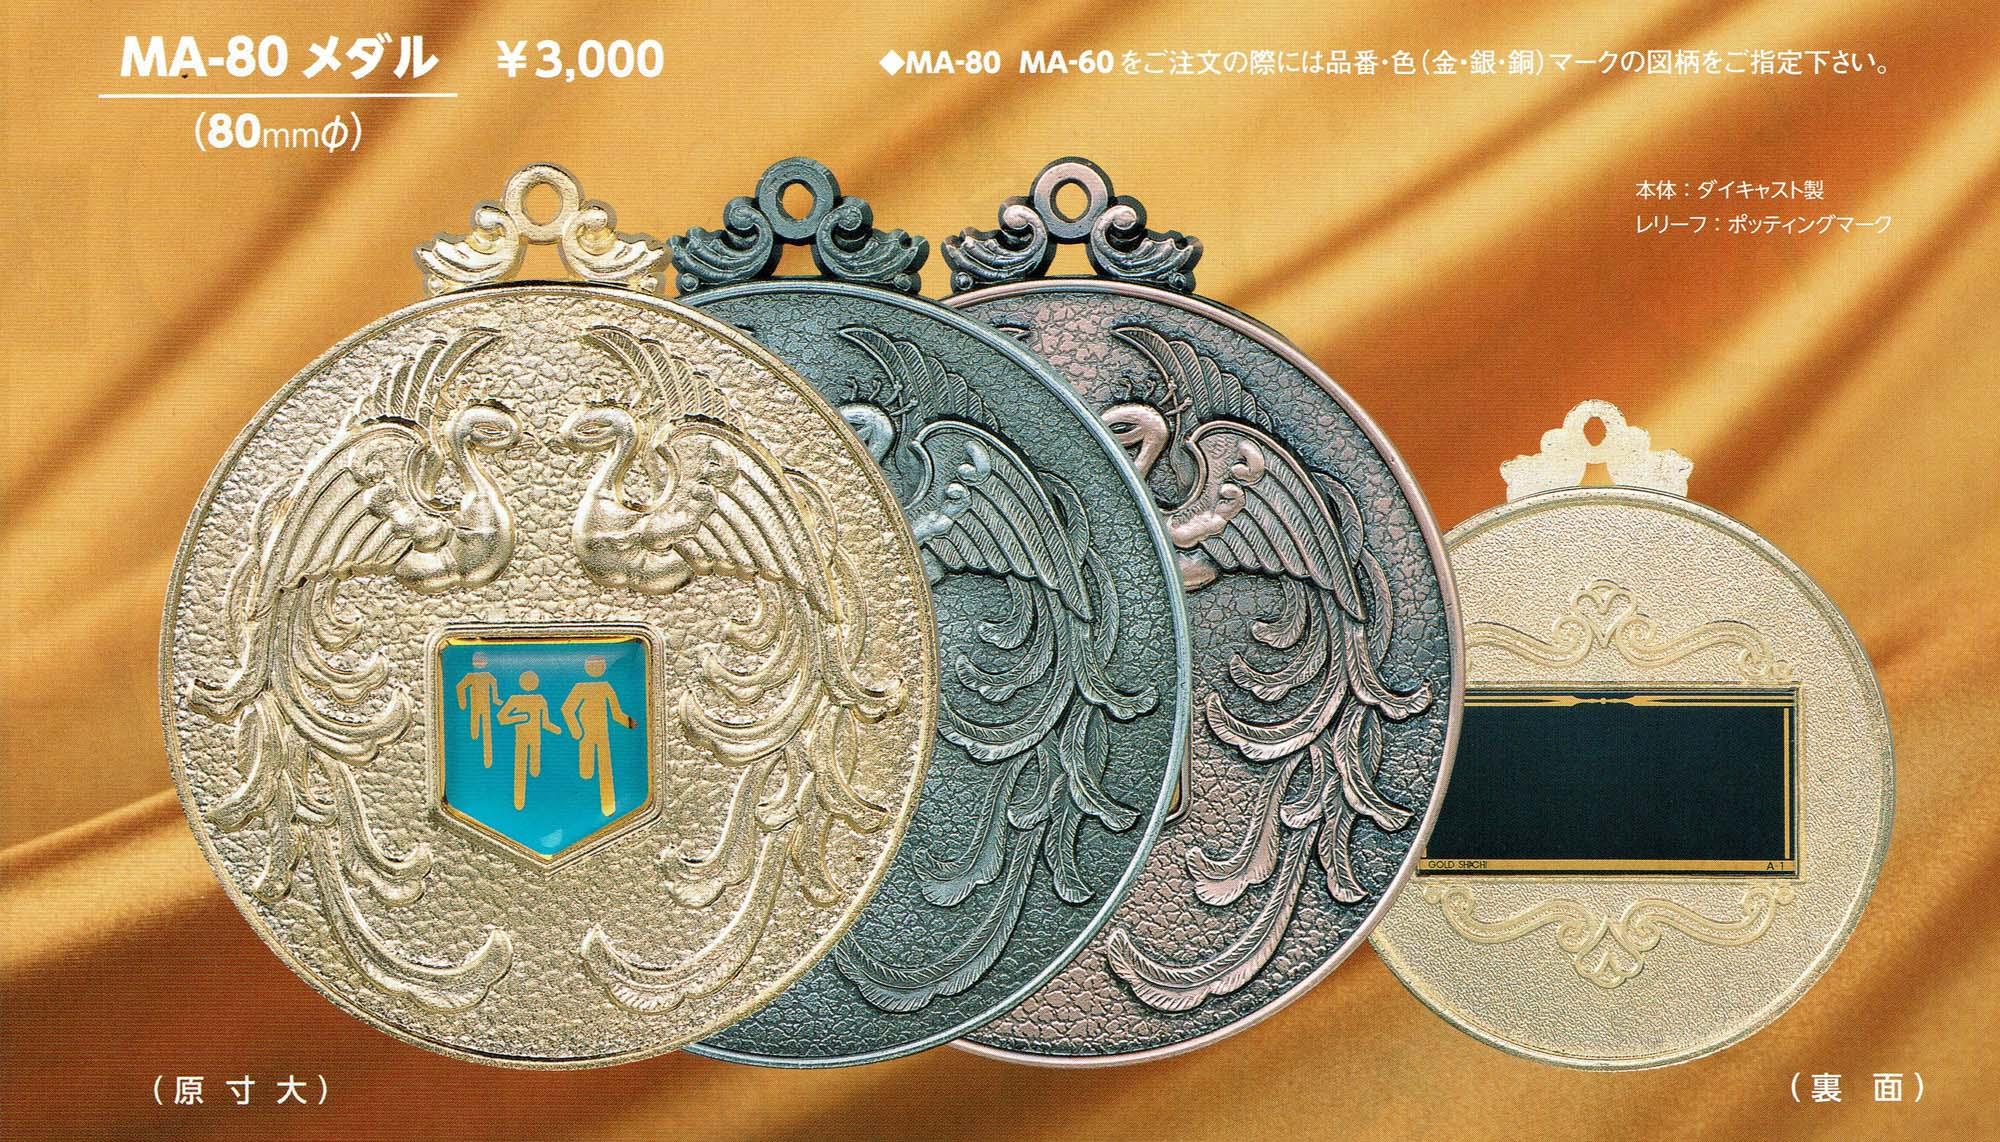 MA-80メダル